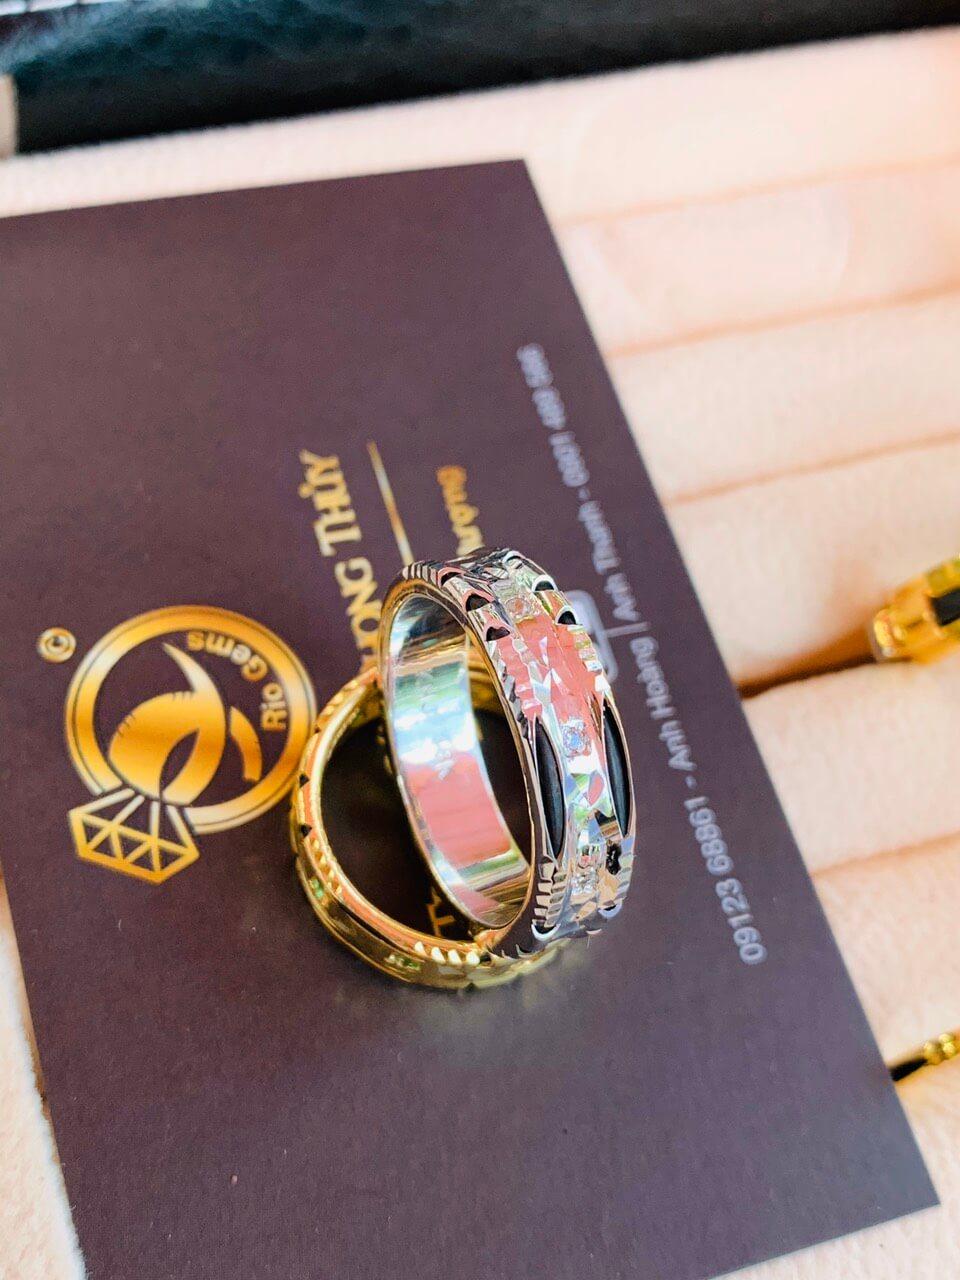 Cặp nhẫn đính 9 viên đá xanh lá Cz tượng trưng cho tình yêu vĩnh cửu